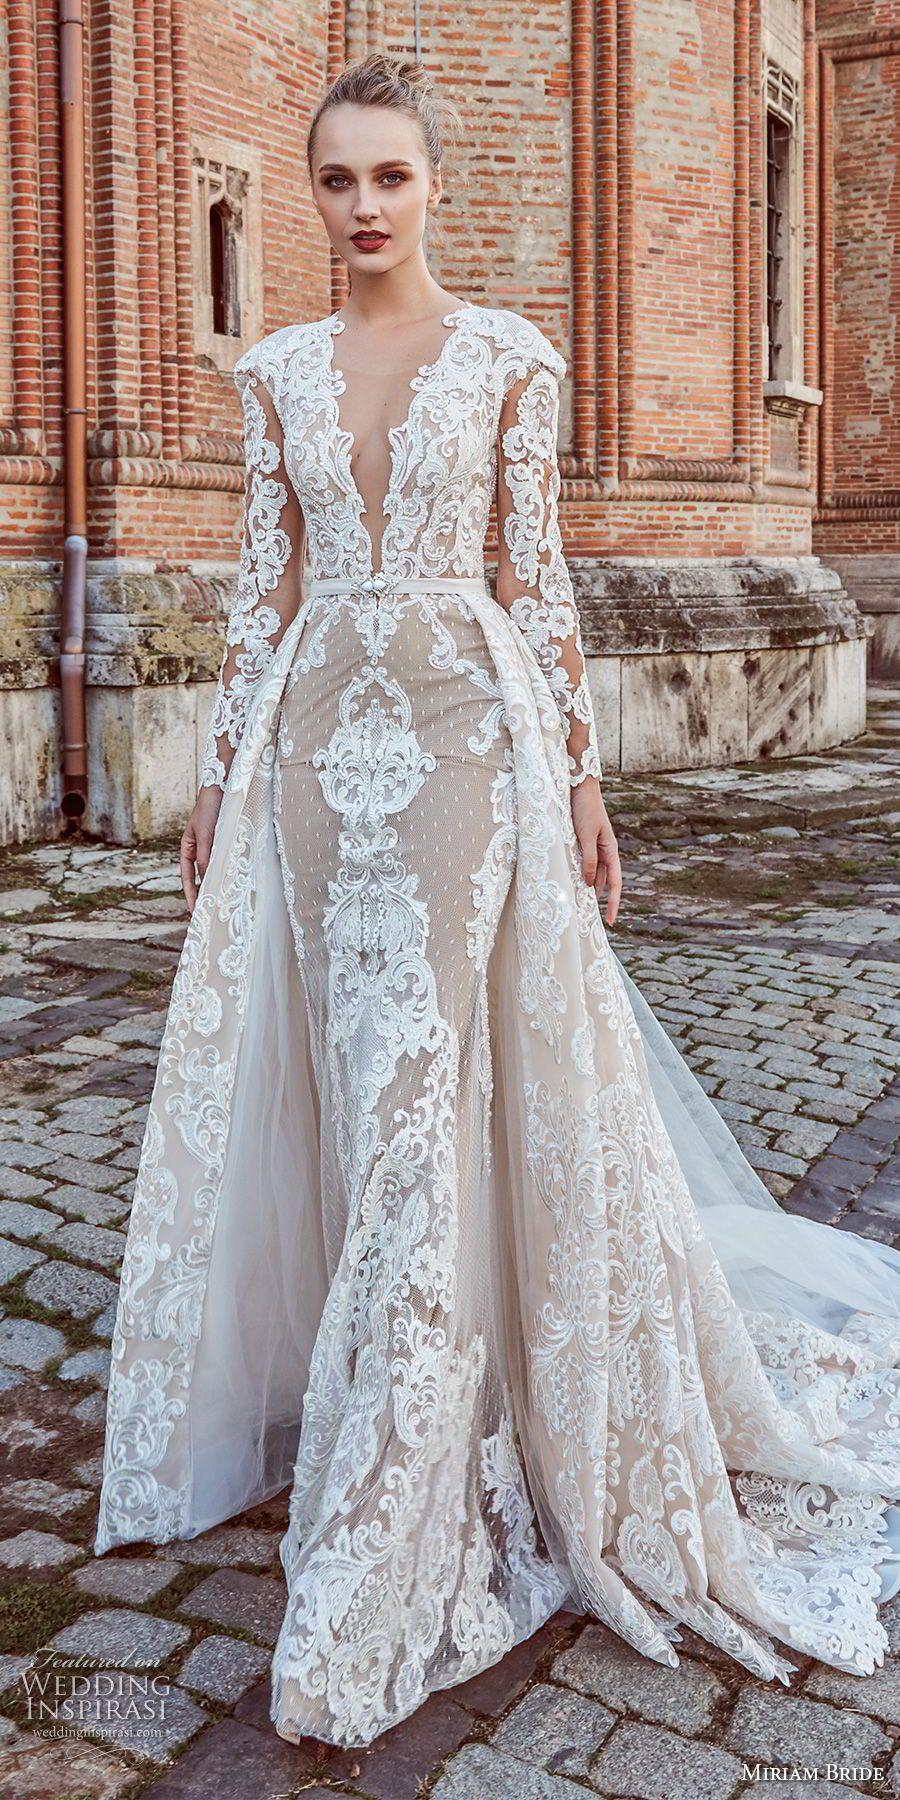 glamorous elegant wedding wedding dresses 2018